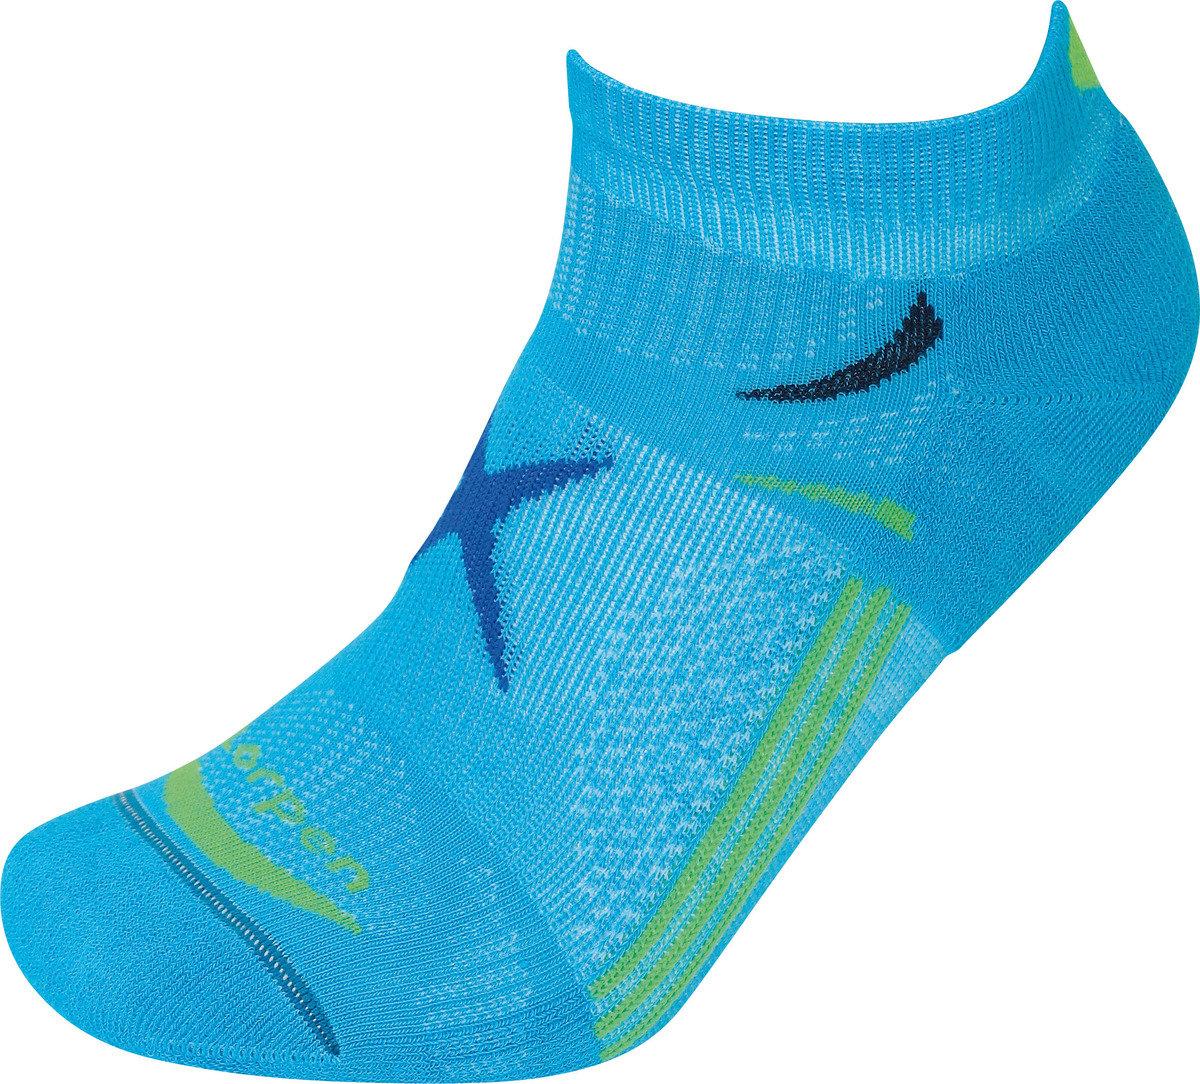 西班牙專業運動襪 - T3 Light Mini Sock, Bright Blue M